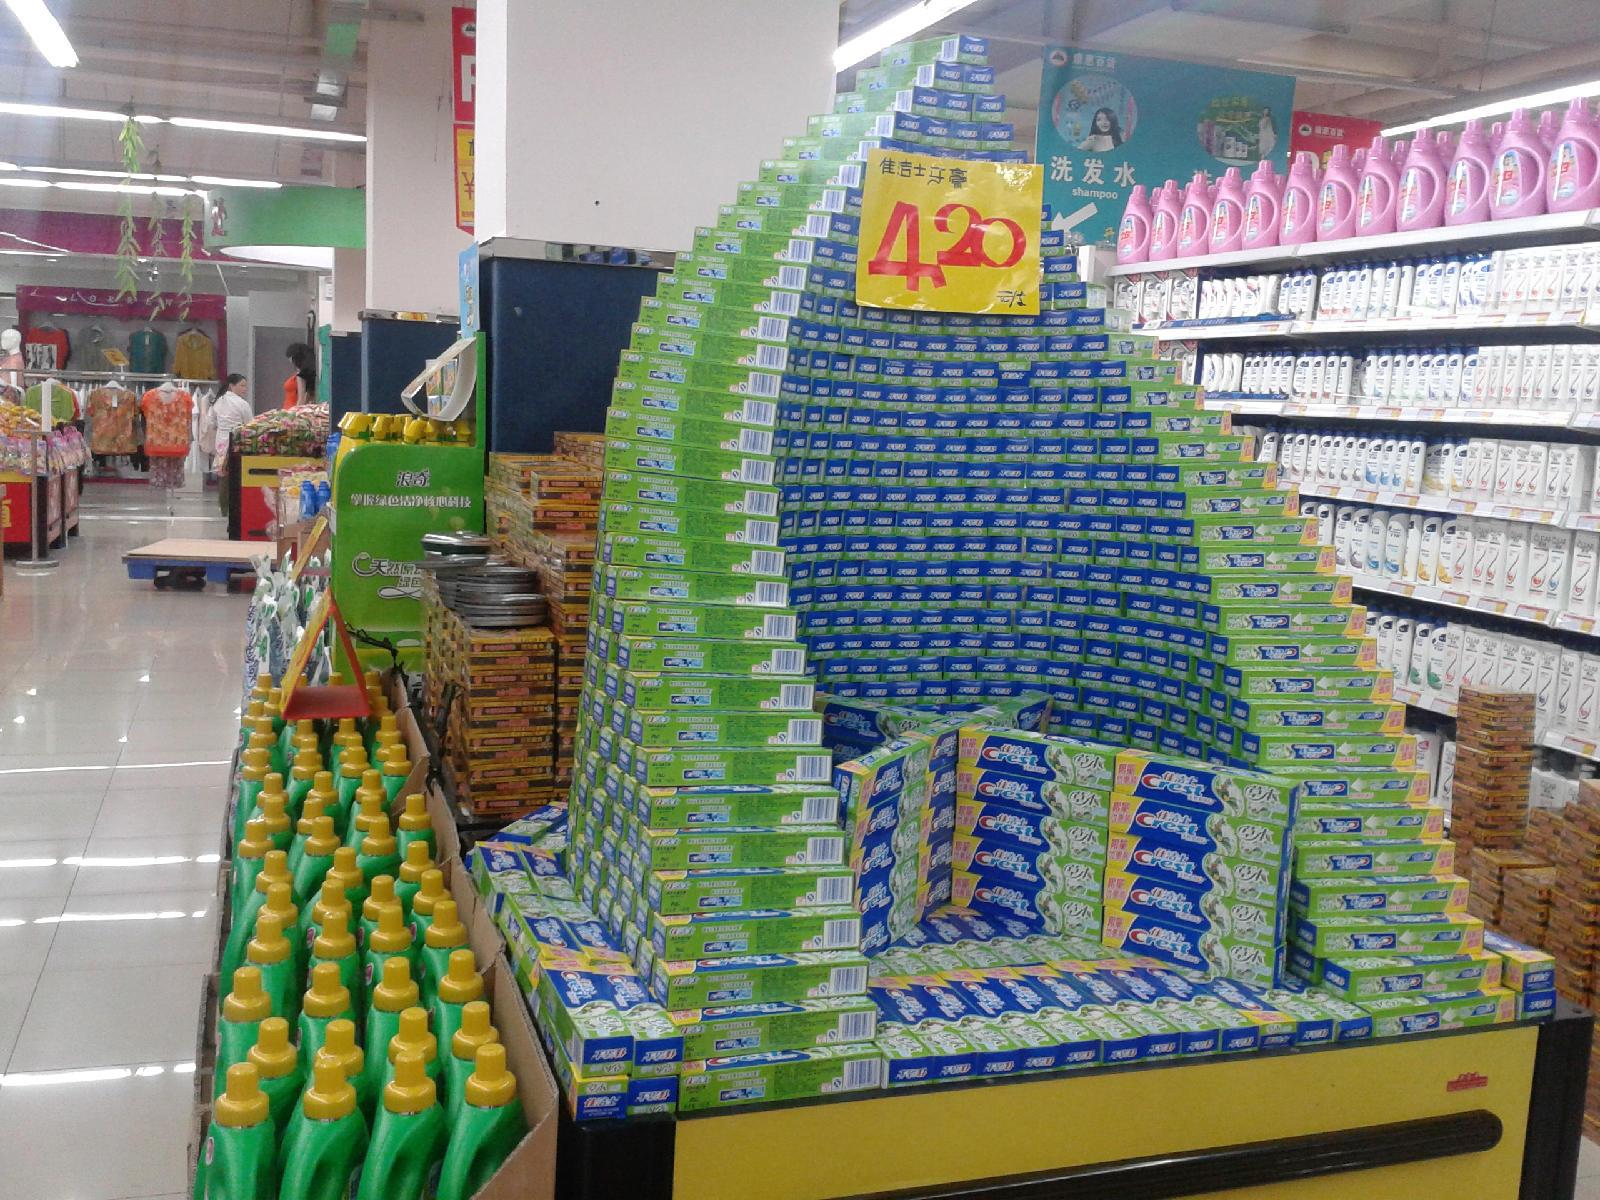 最新超市地堆陈列图片 超市形象地堆陈列图片 超市地堆实物陈列图片图片